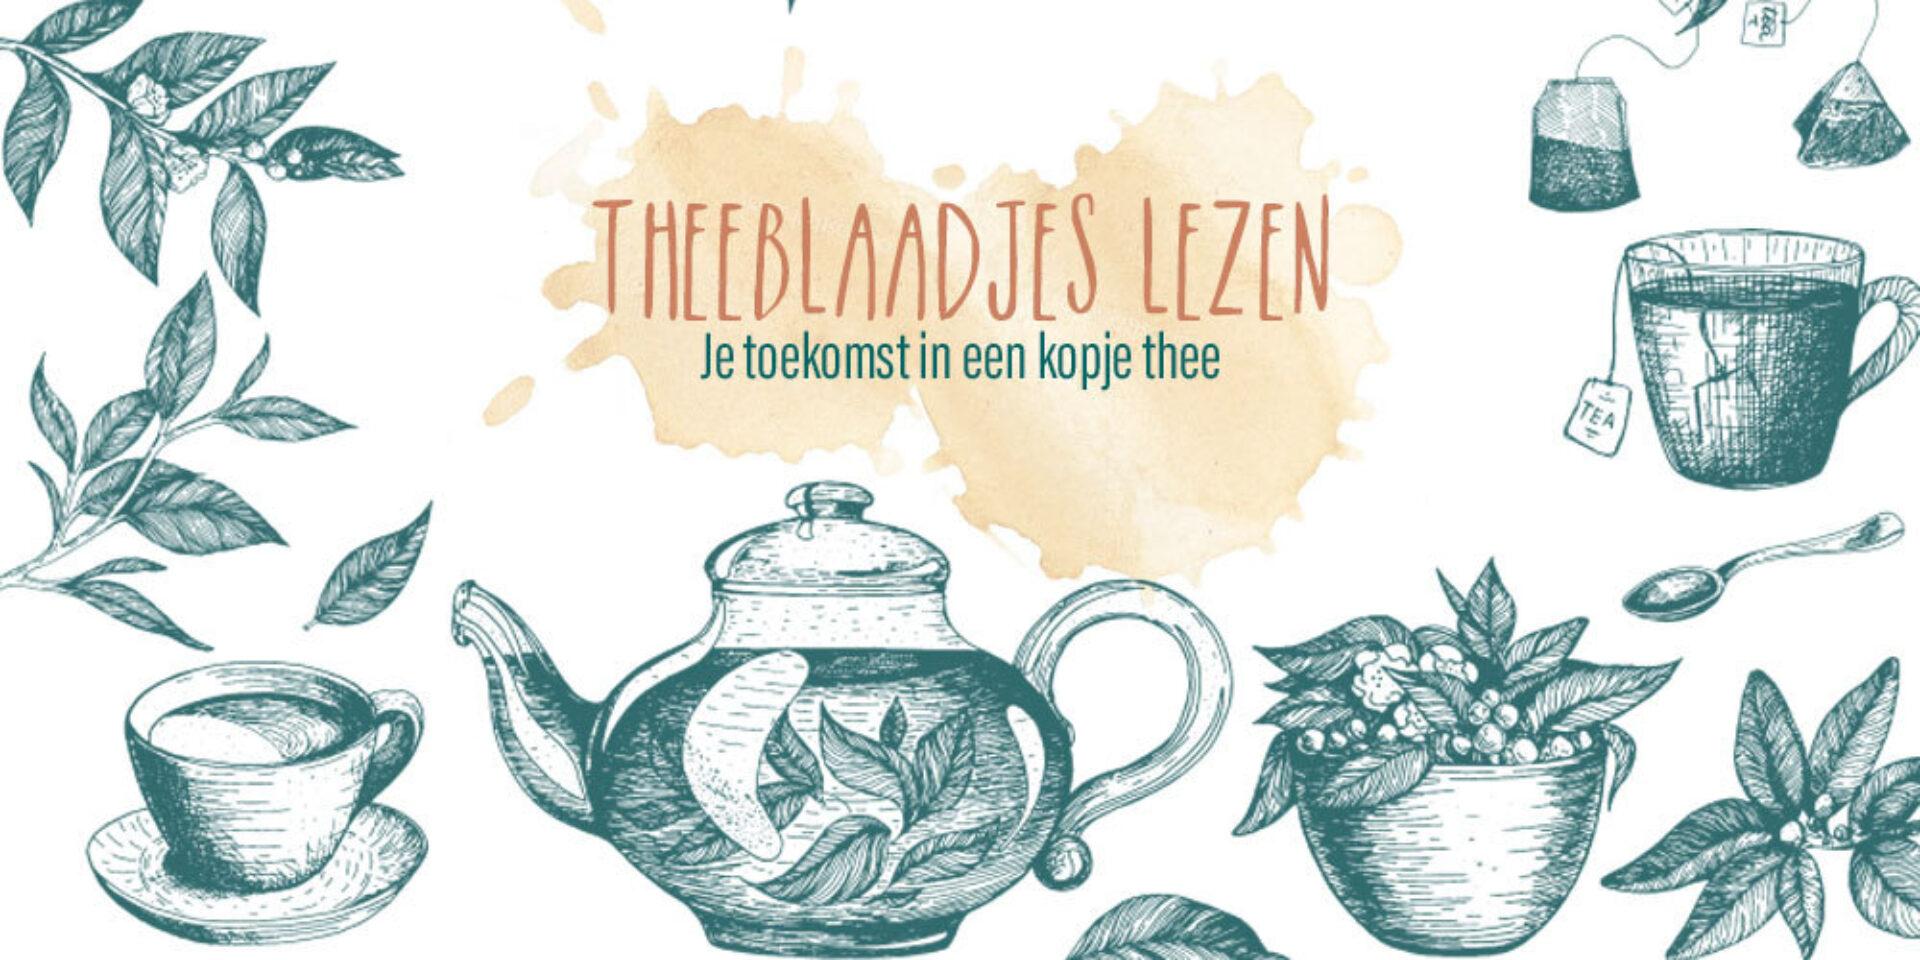 Theeblaadjes lezen: je toekomst in een kopje thee